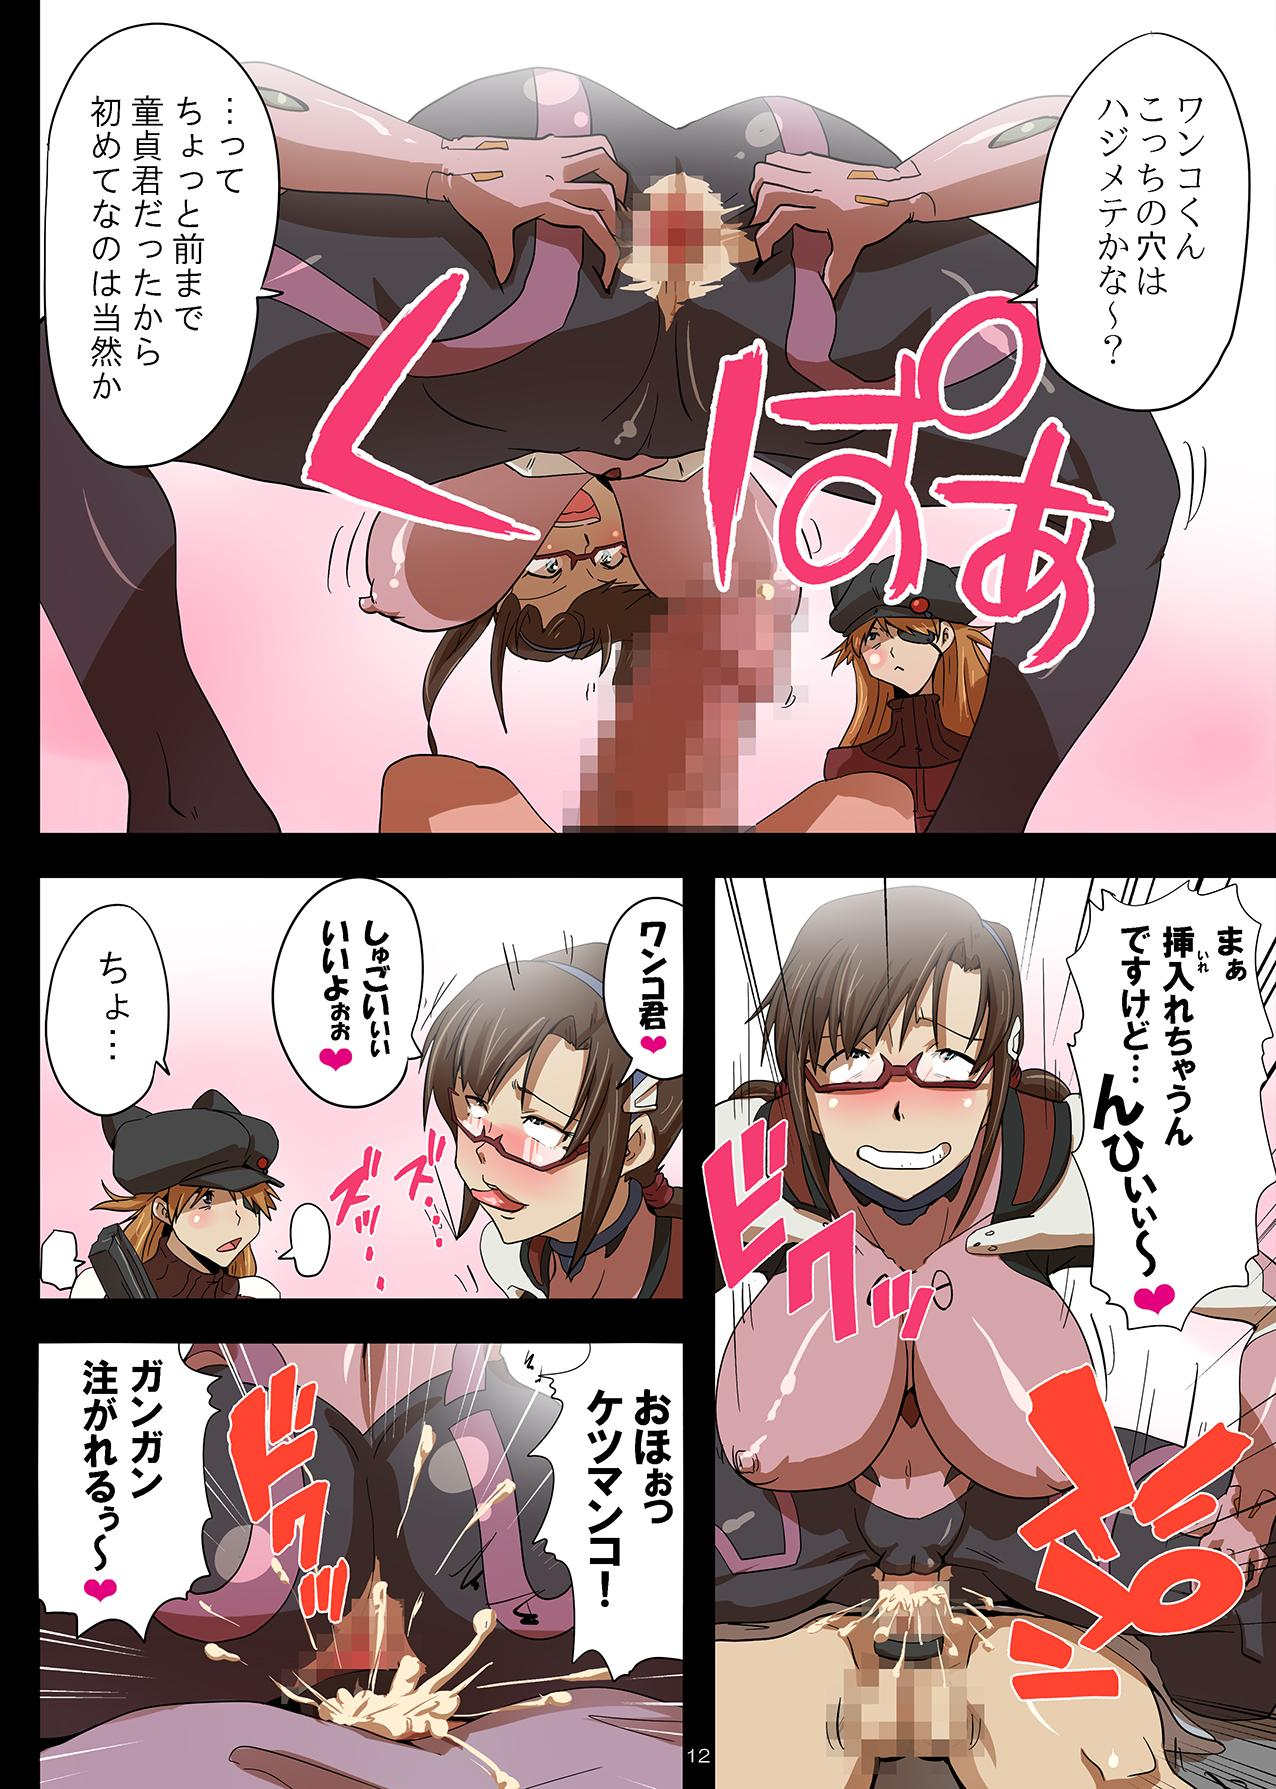 WILLE no Onnatachi ni Kousoku Sarete Ika Sare Makuri no Gyaku Rape 11